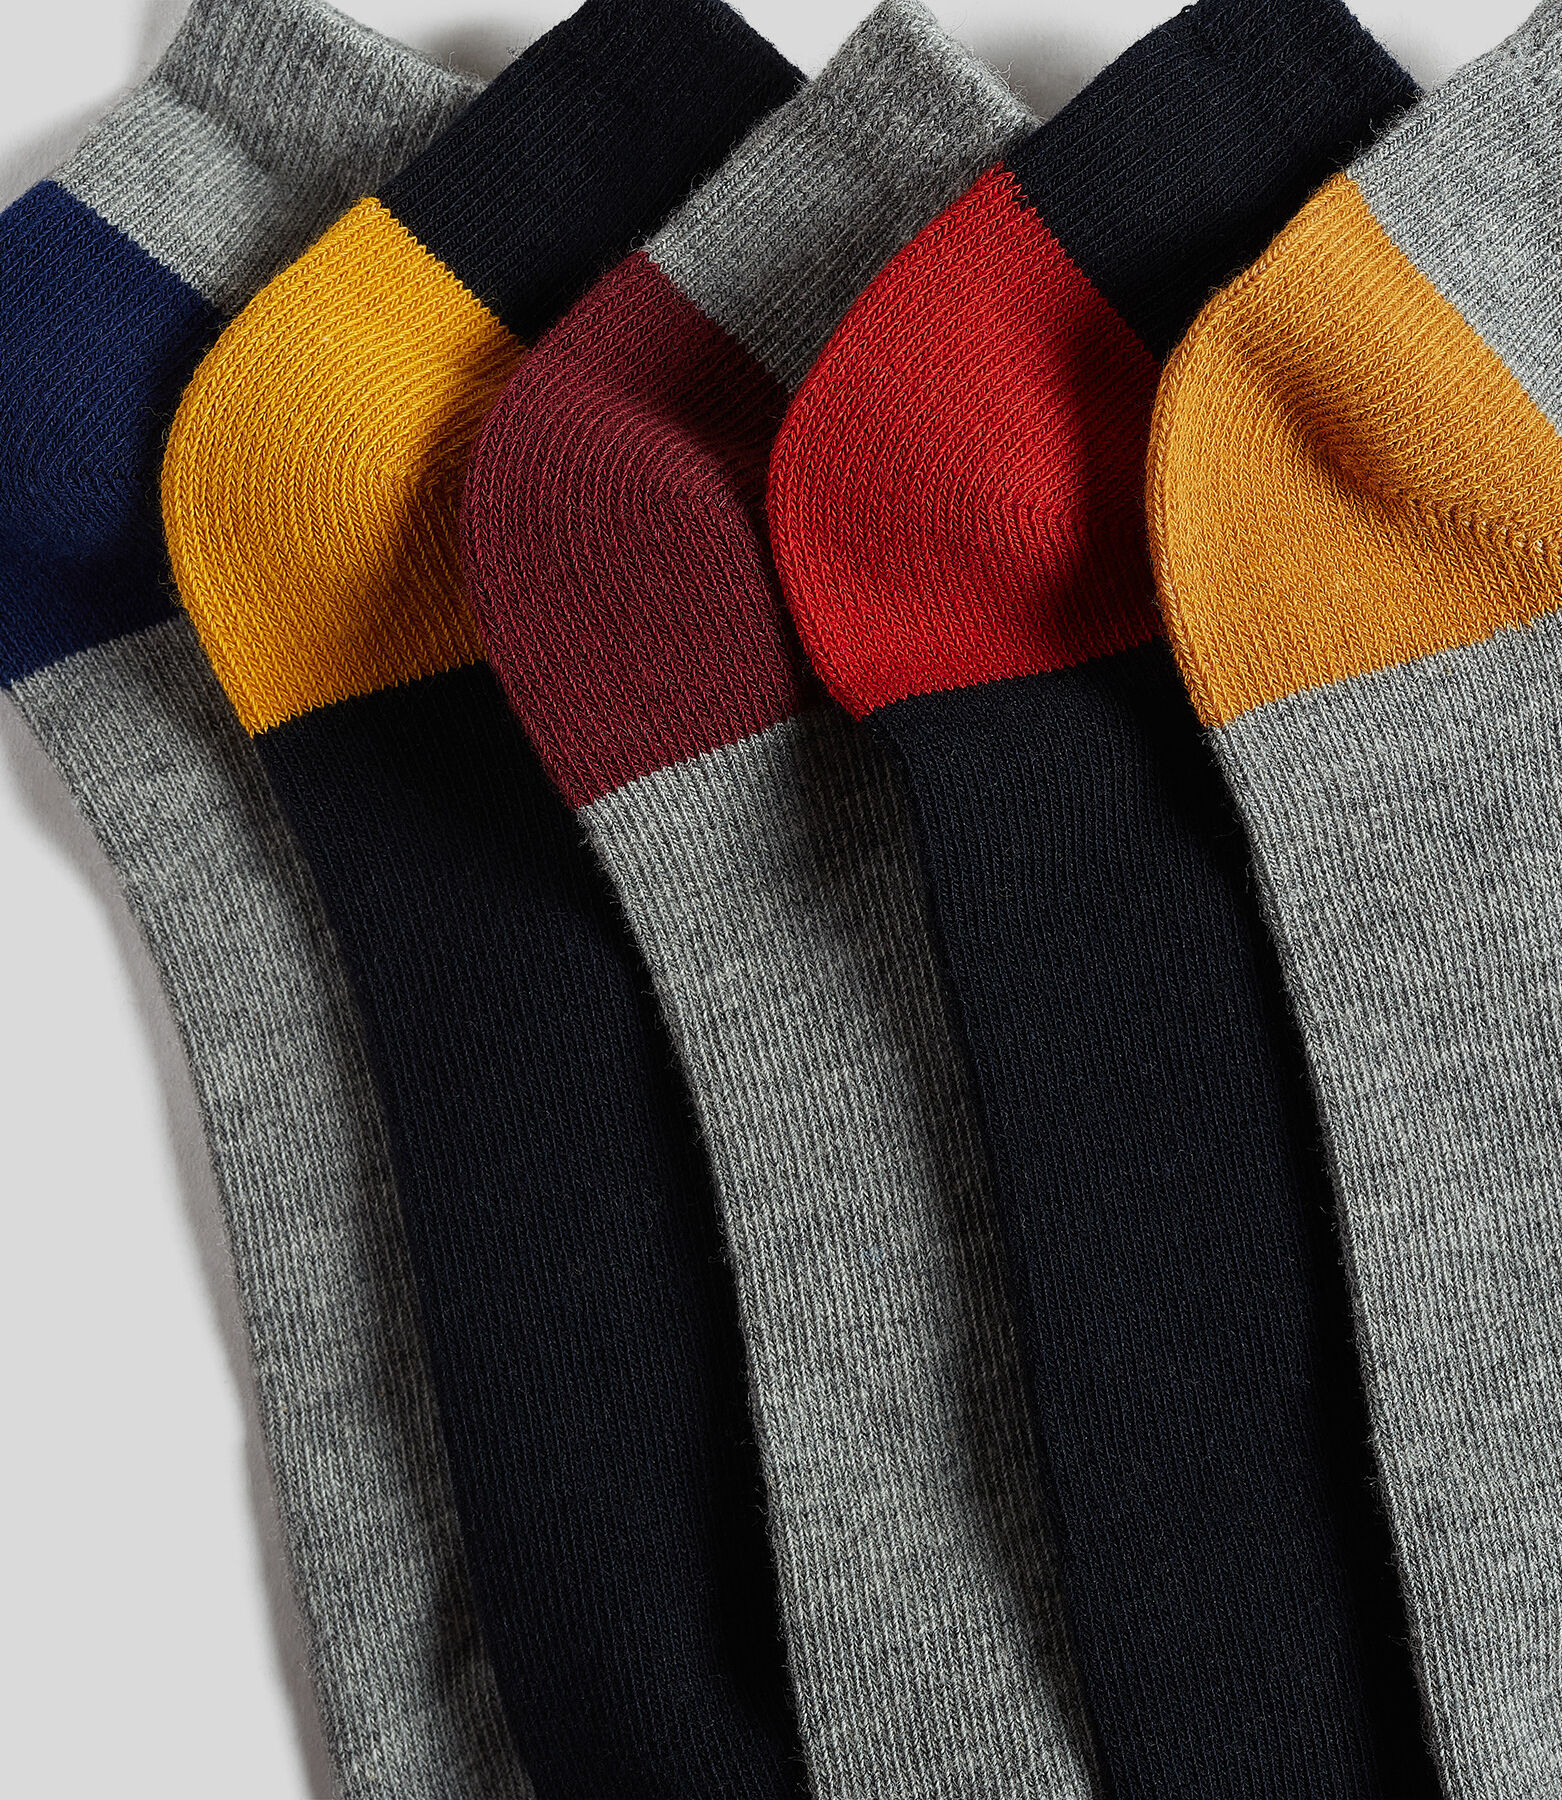 Chaussettes basses par lot de 5